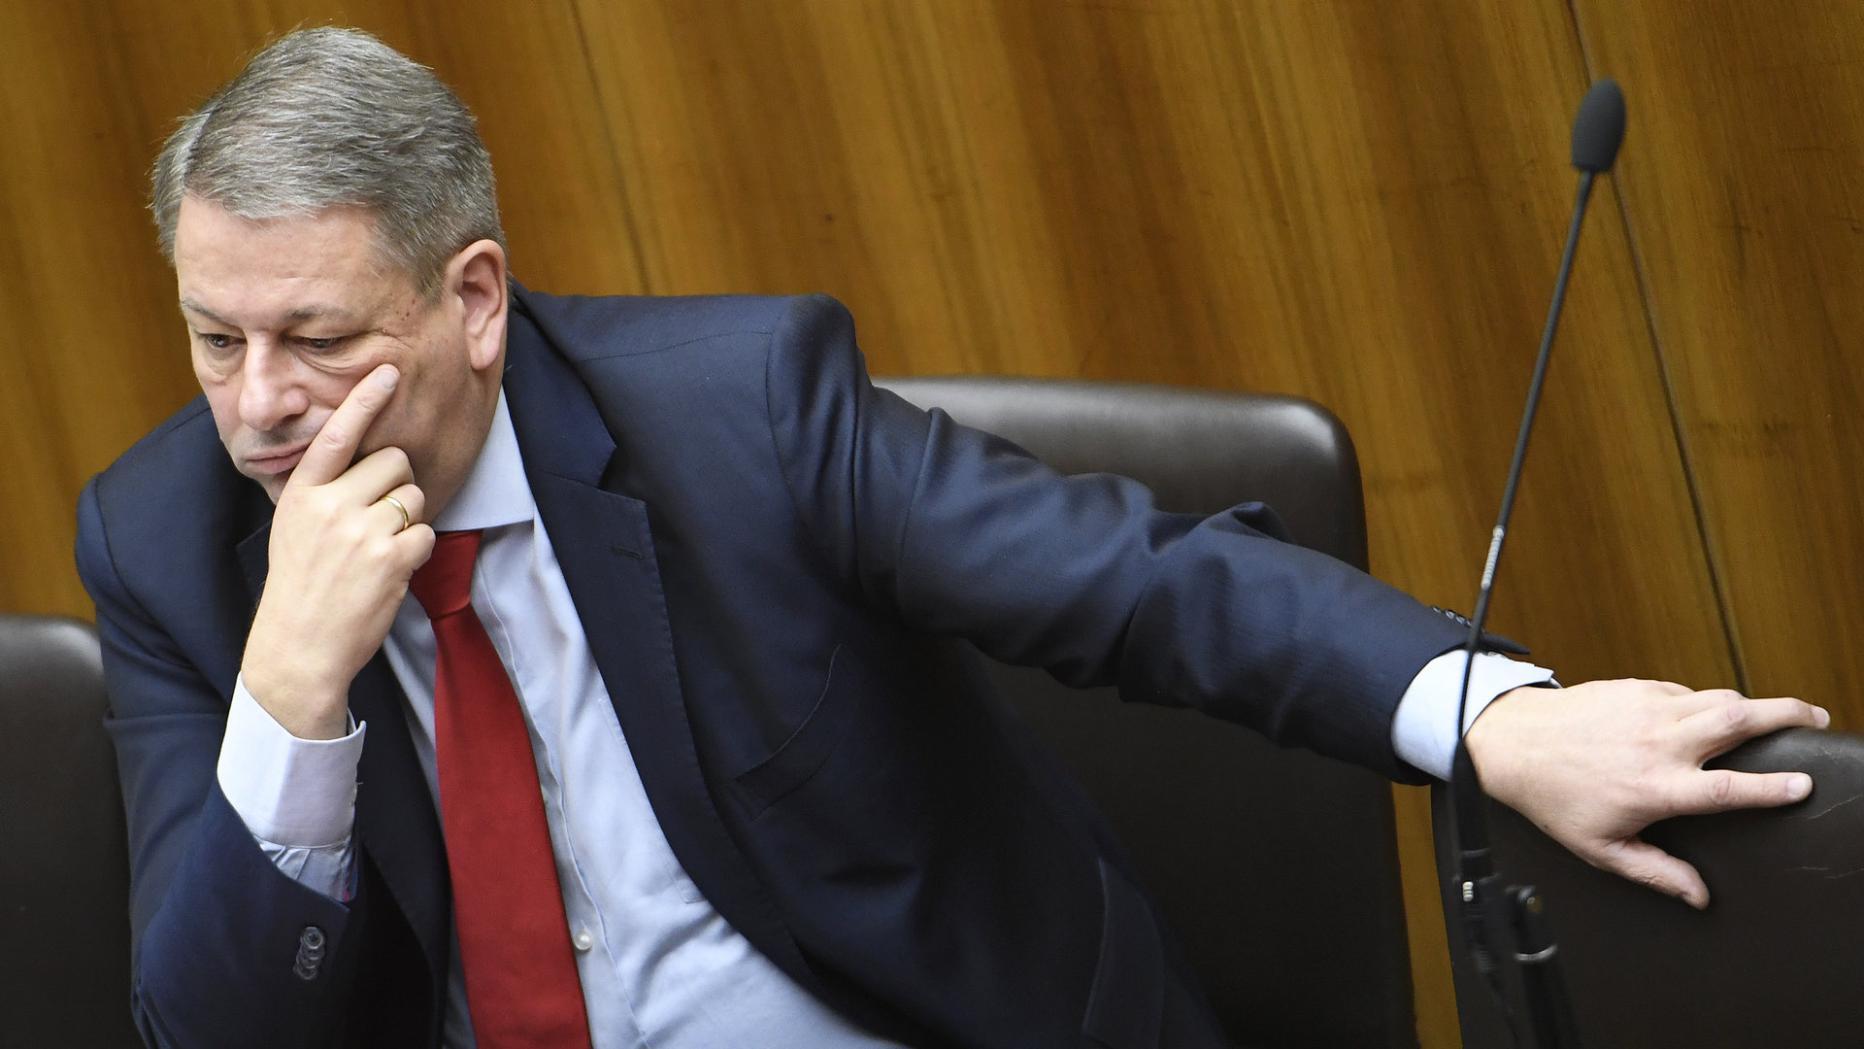 ÖVP-Länder: System Kurz verschärft Machtkampf um Mandate